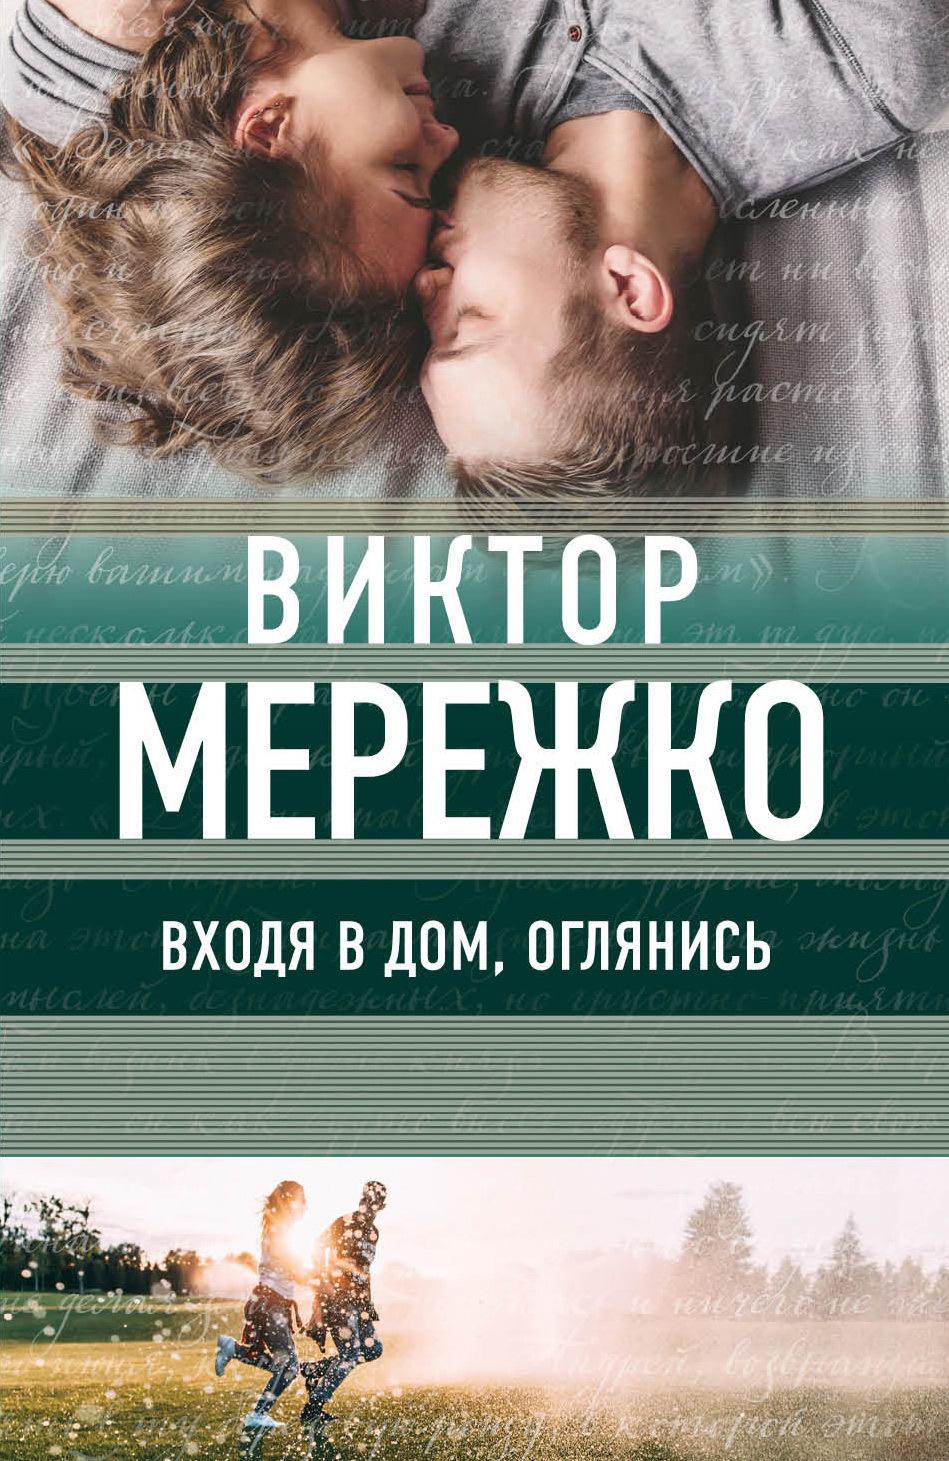 Виктор Мережко - Входя в дом, оглянись